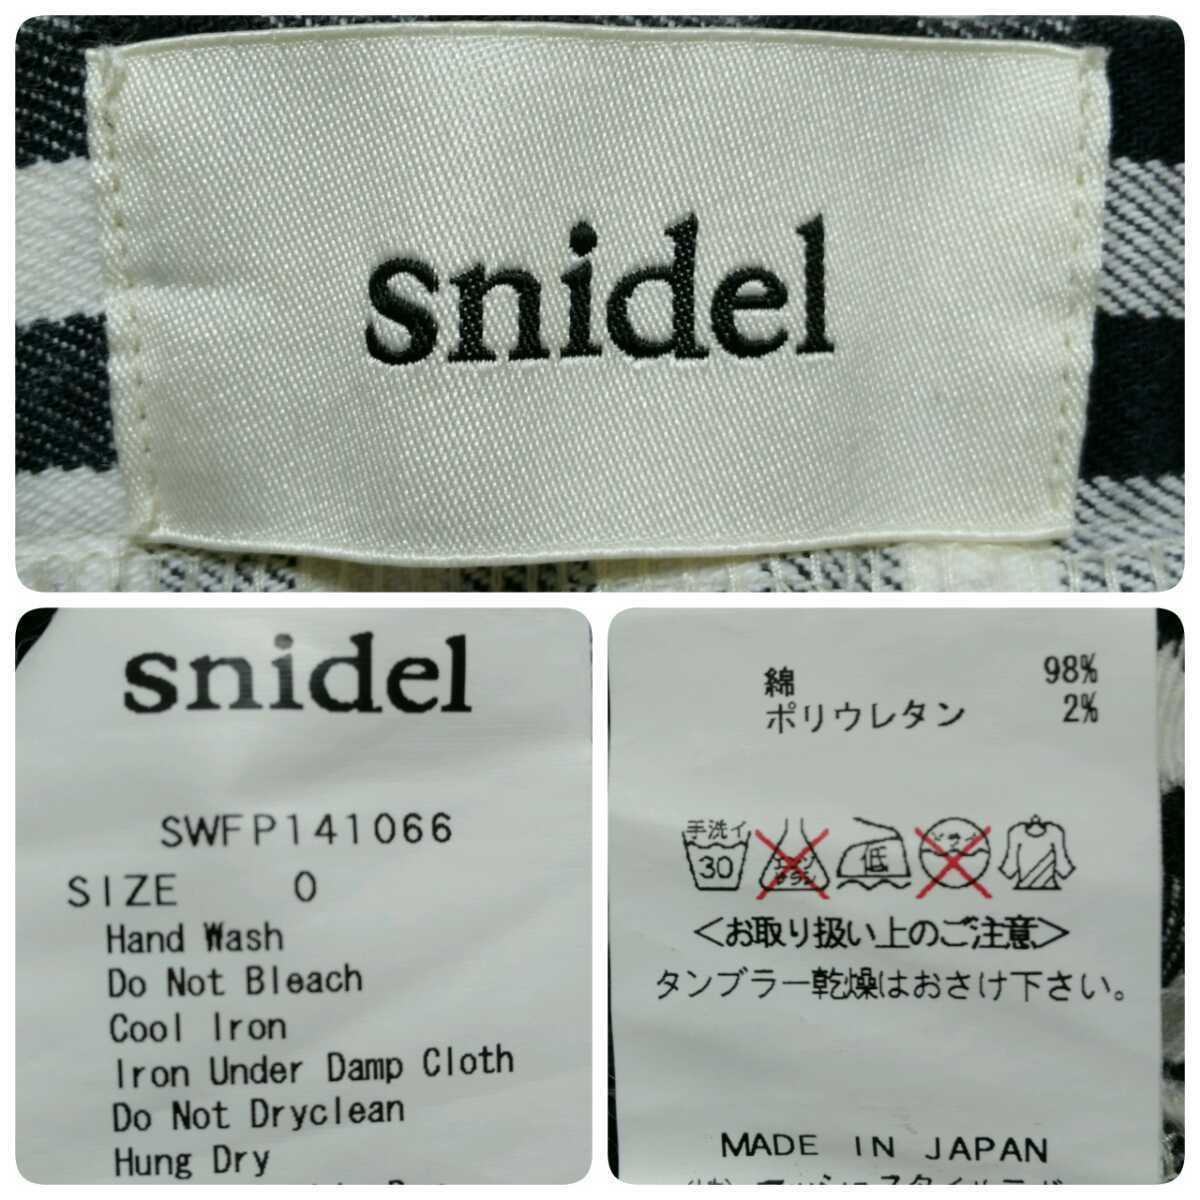 スナイデル snidel 日本製 レディース 0 カジュアルパンツ チェックパンツ 大人女子 古着女子 フルジョ 古着MIX 大人カジュアル●J19